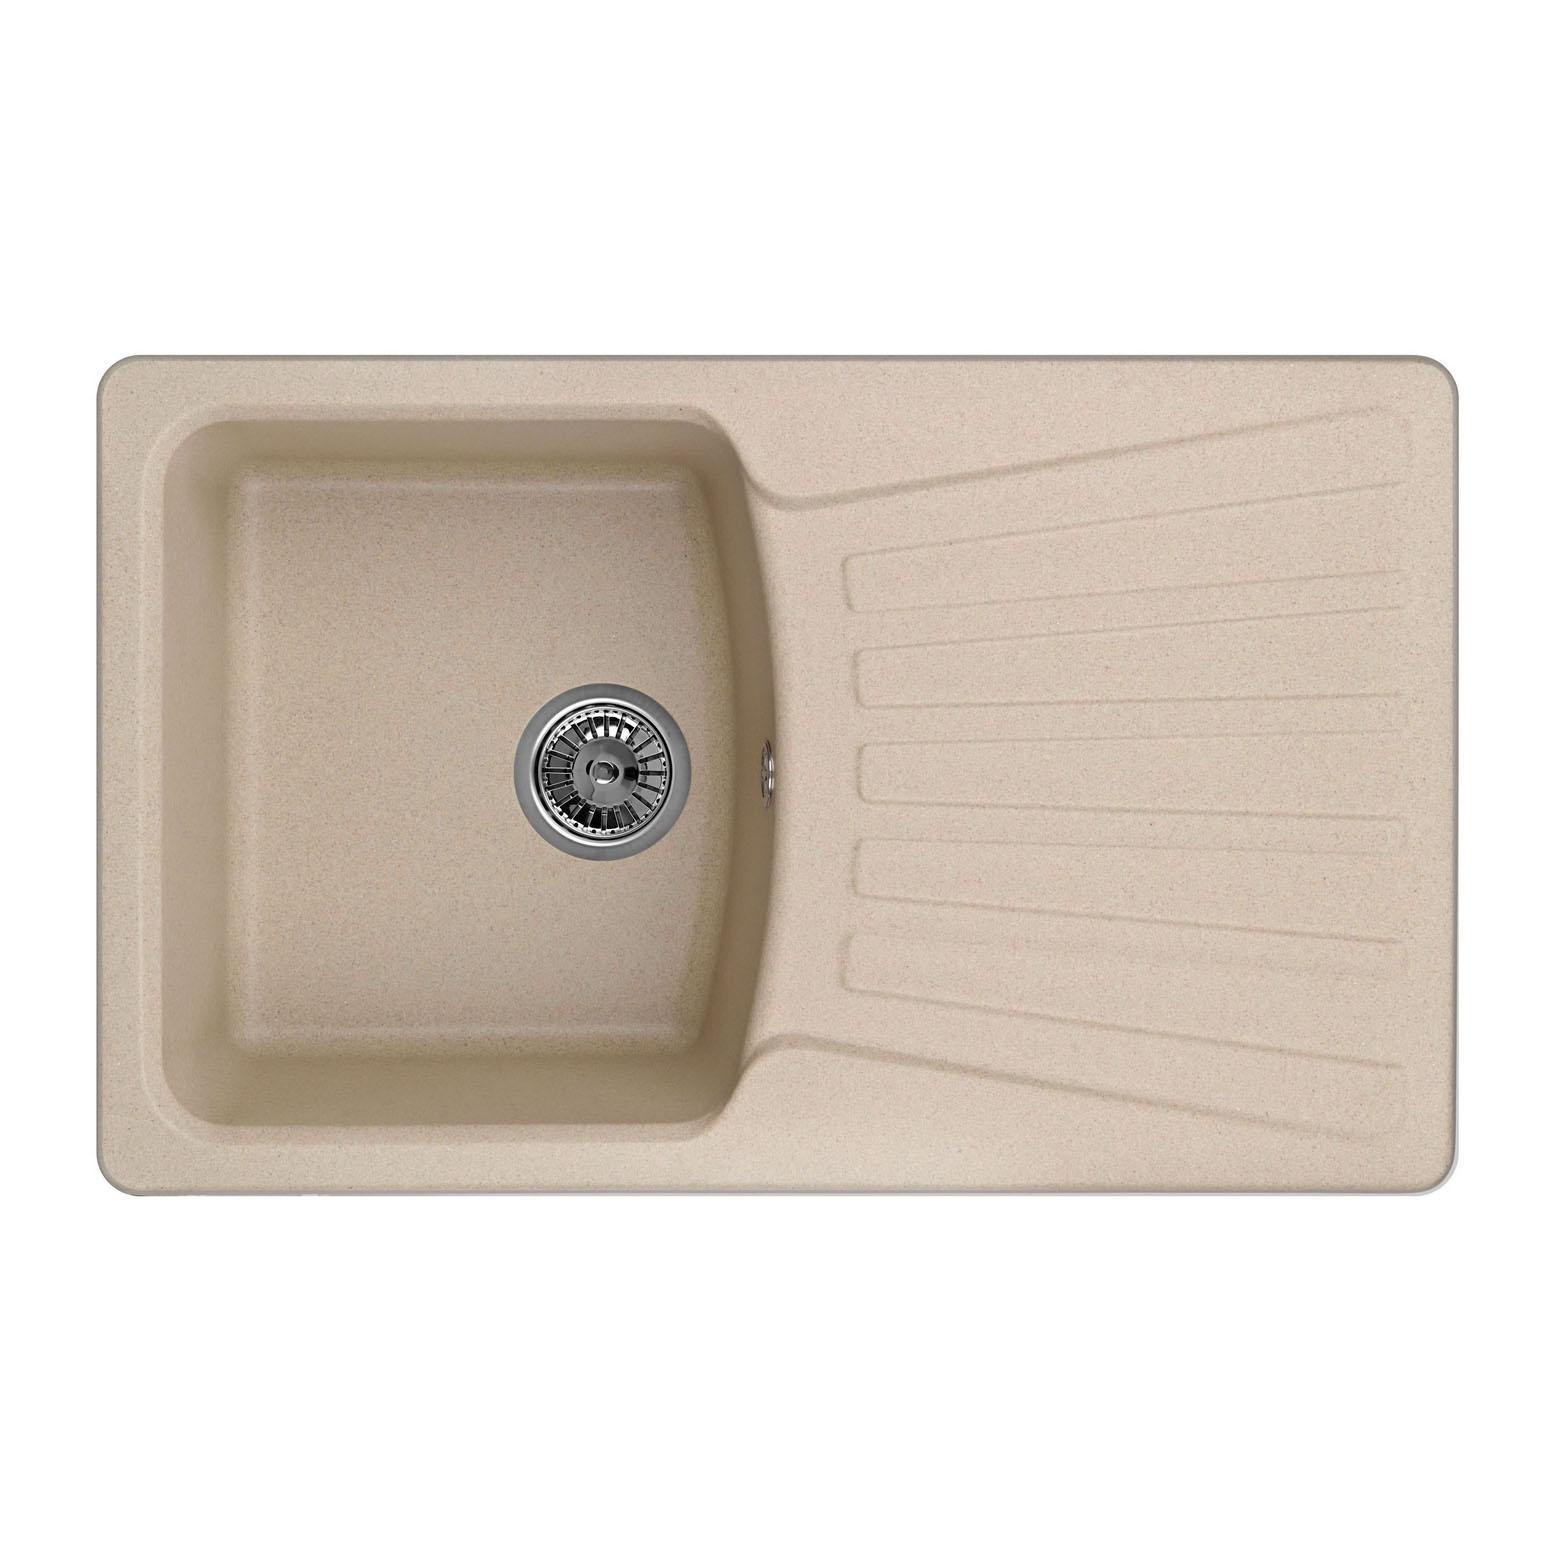 Кухонная мойка Granula GR-8001 790х500 песок кухонная мойка granula gr 8001 790х500 брют